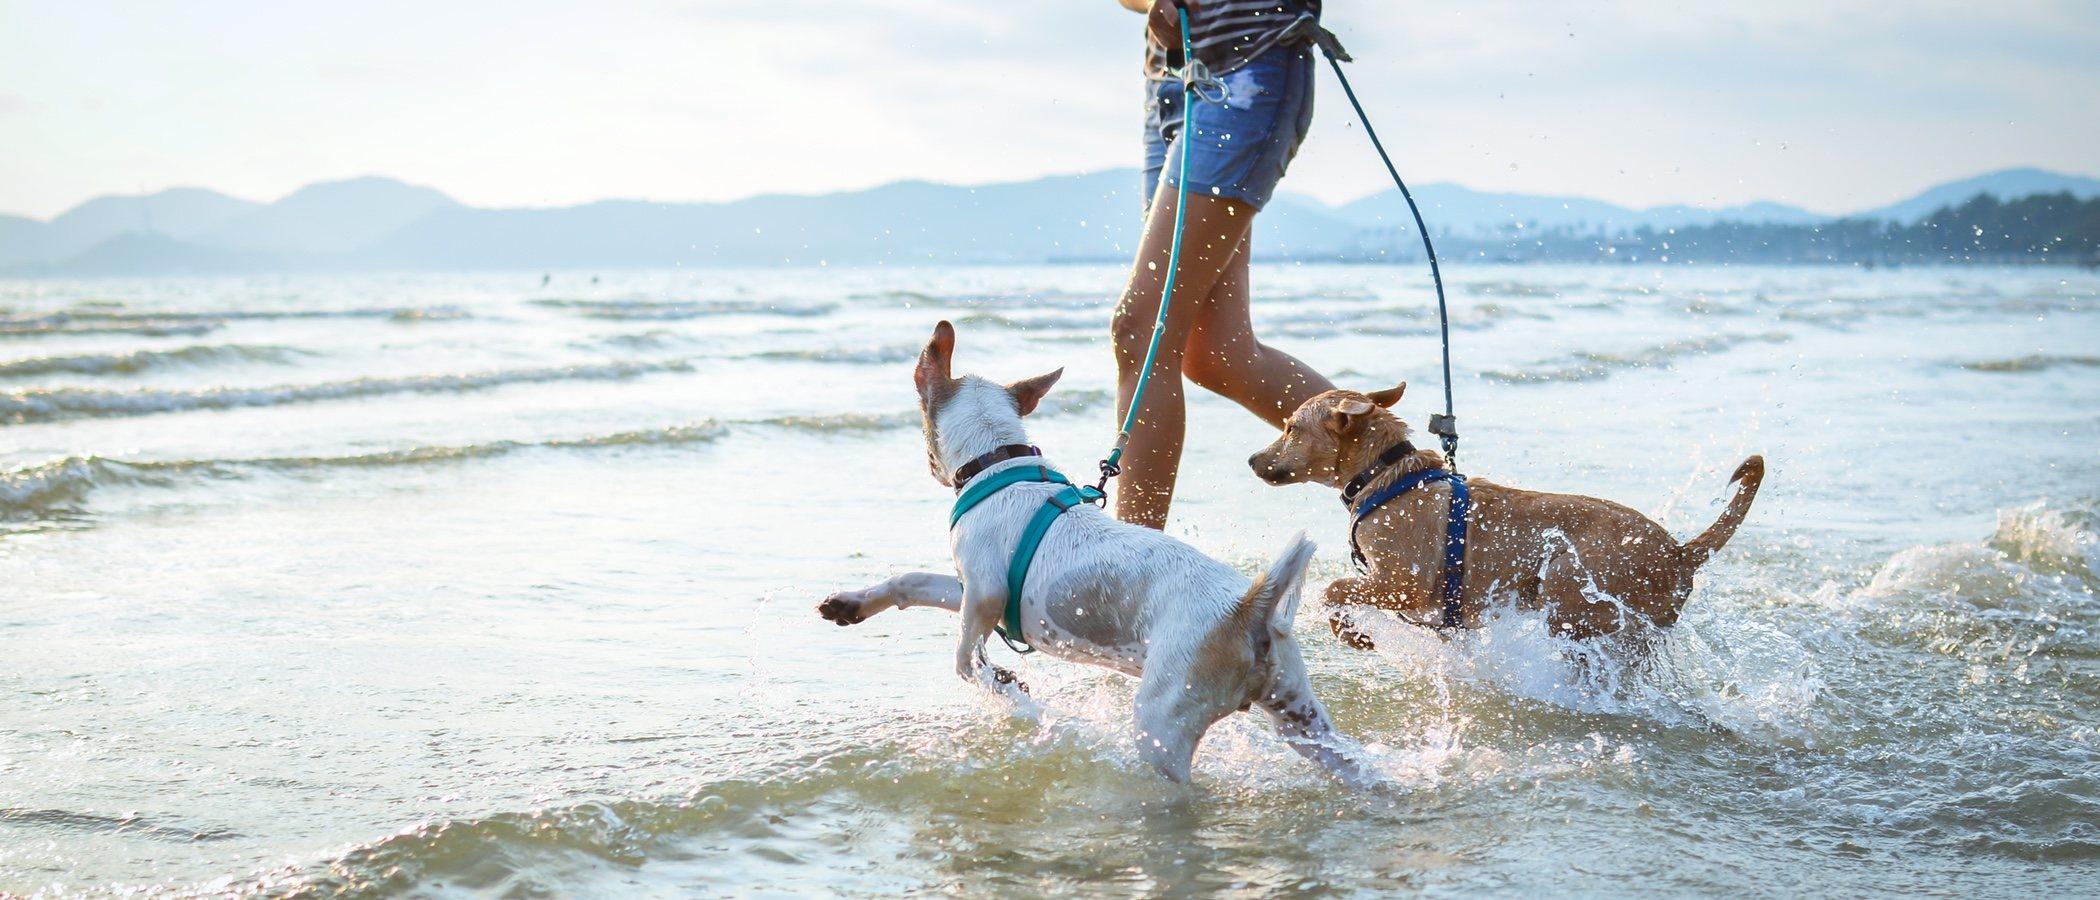 Ejercicio para perros adultos: trucos y consejos